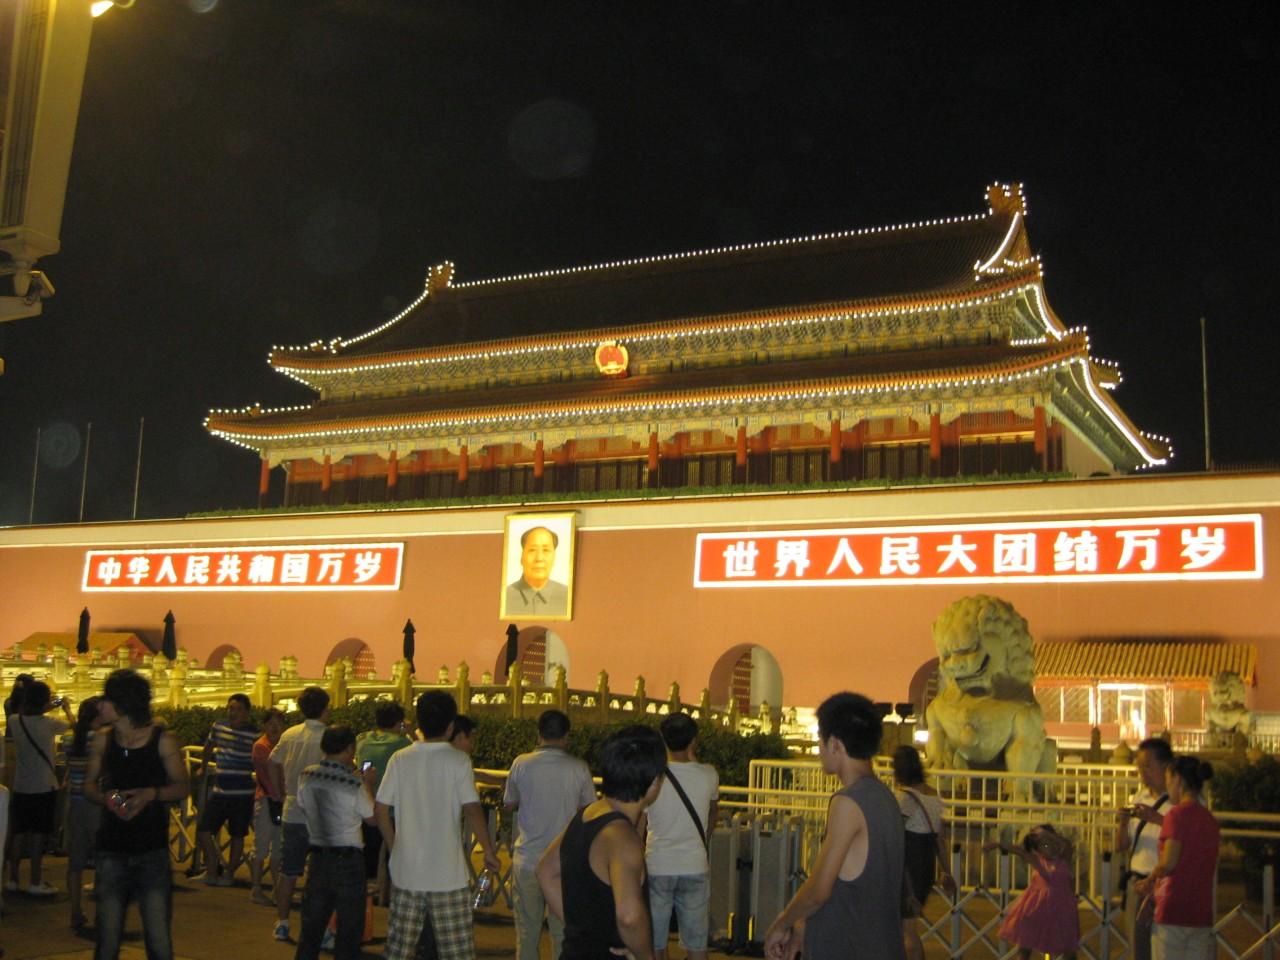 中國放寬國內旅行限制允許人們在沒有核酸檢測報告的情況下自由乘坐火車